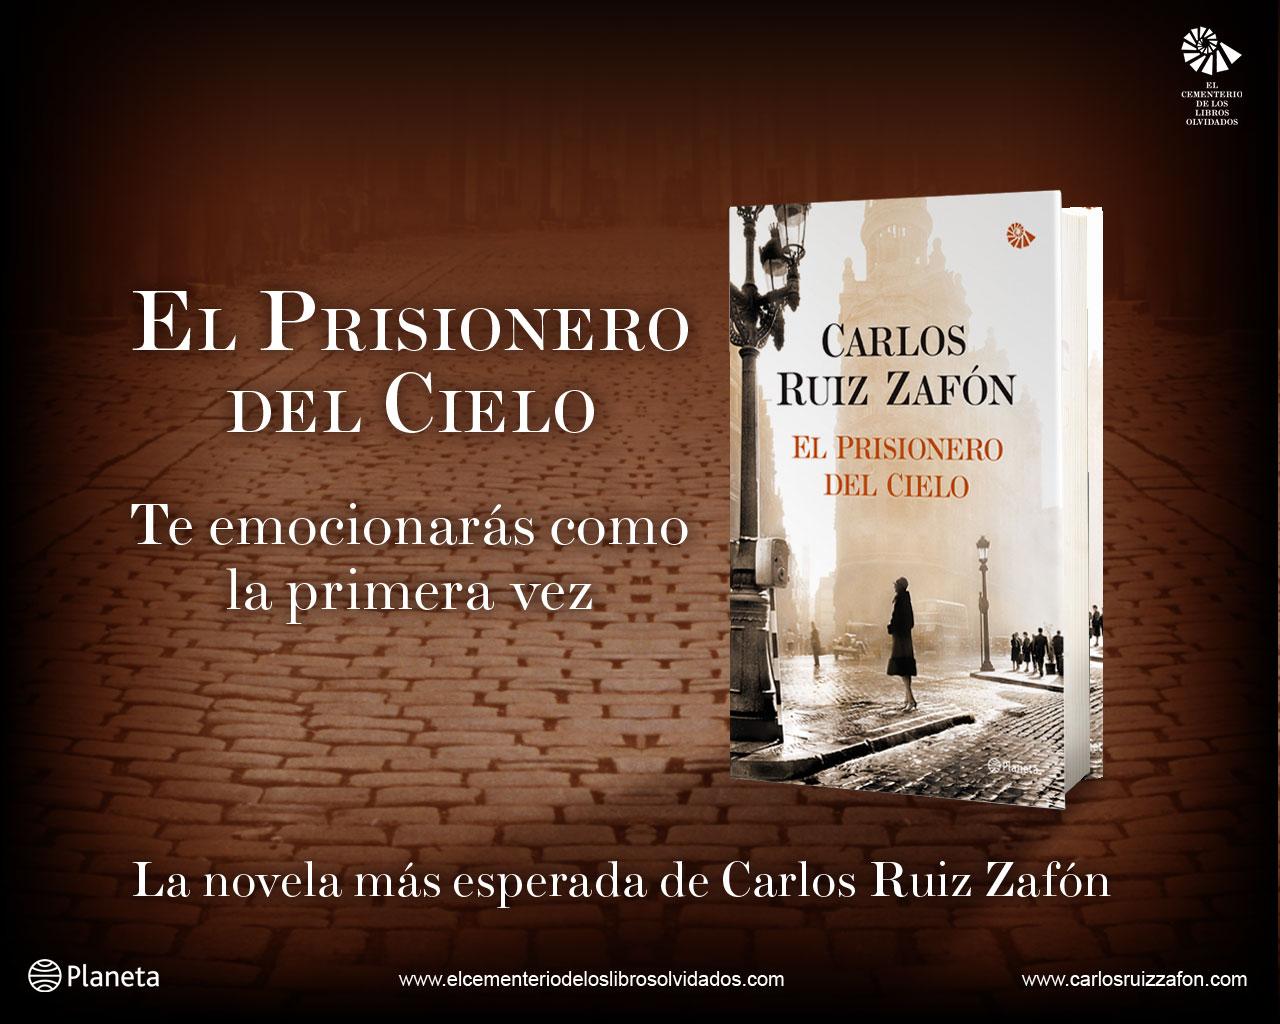 fondo_prisionero1280x1024.jpg